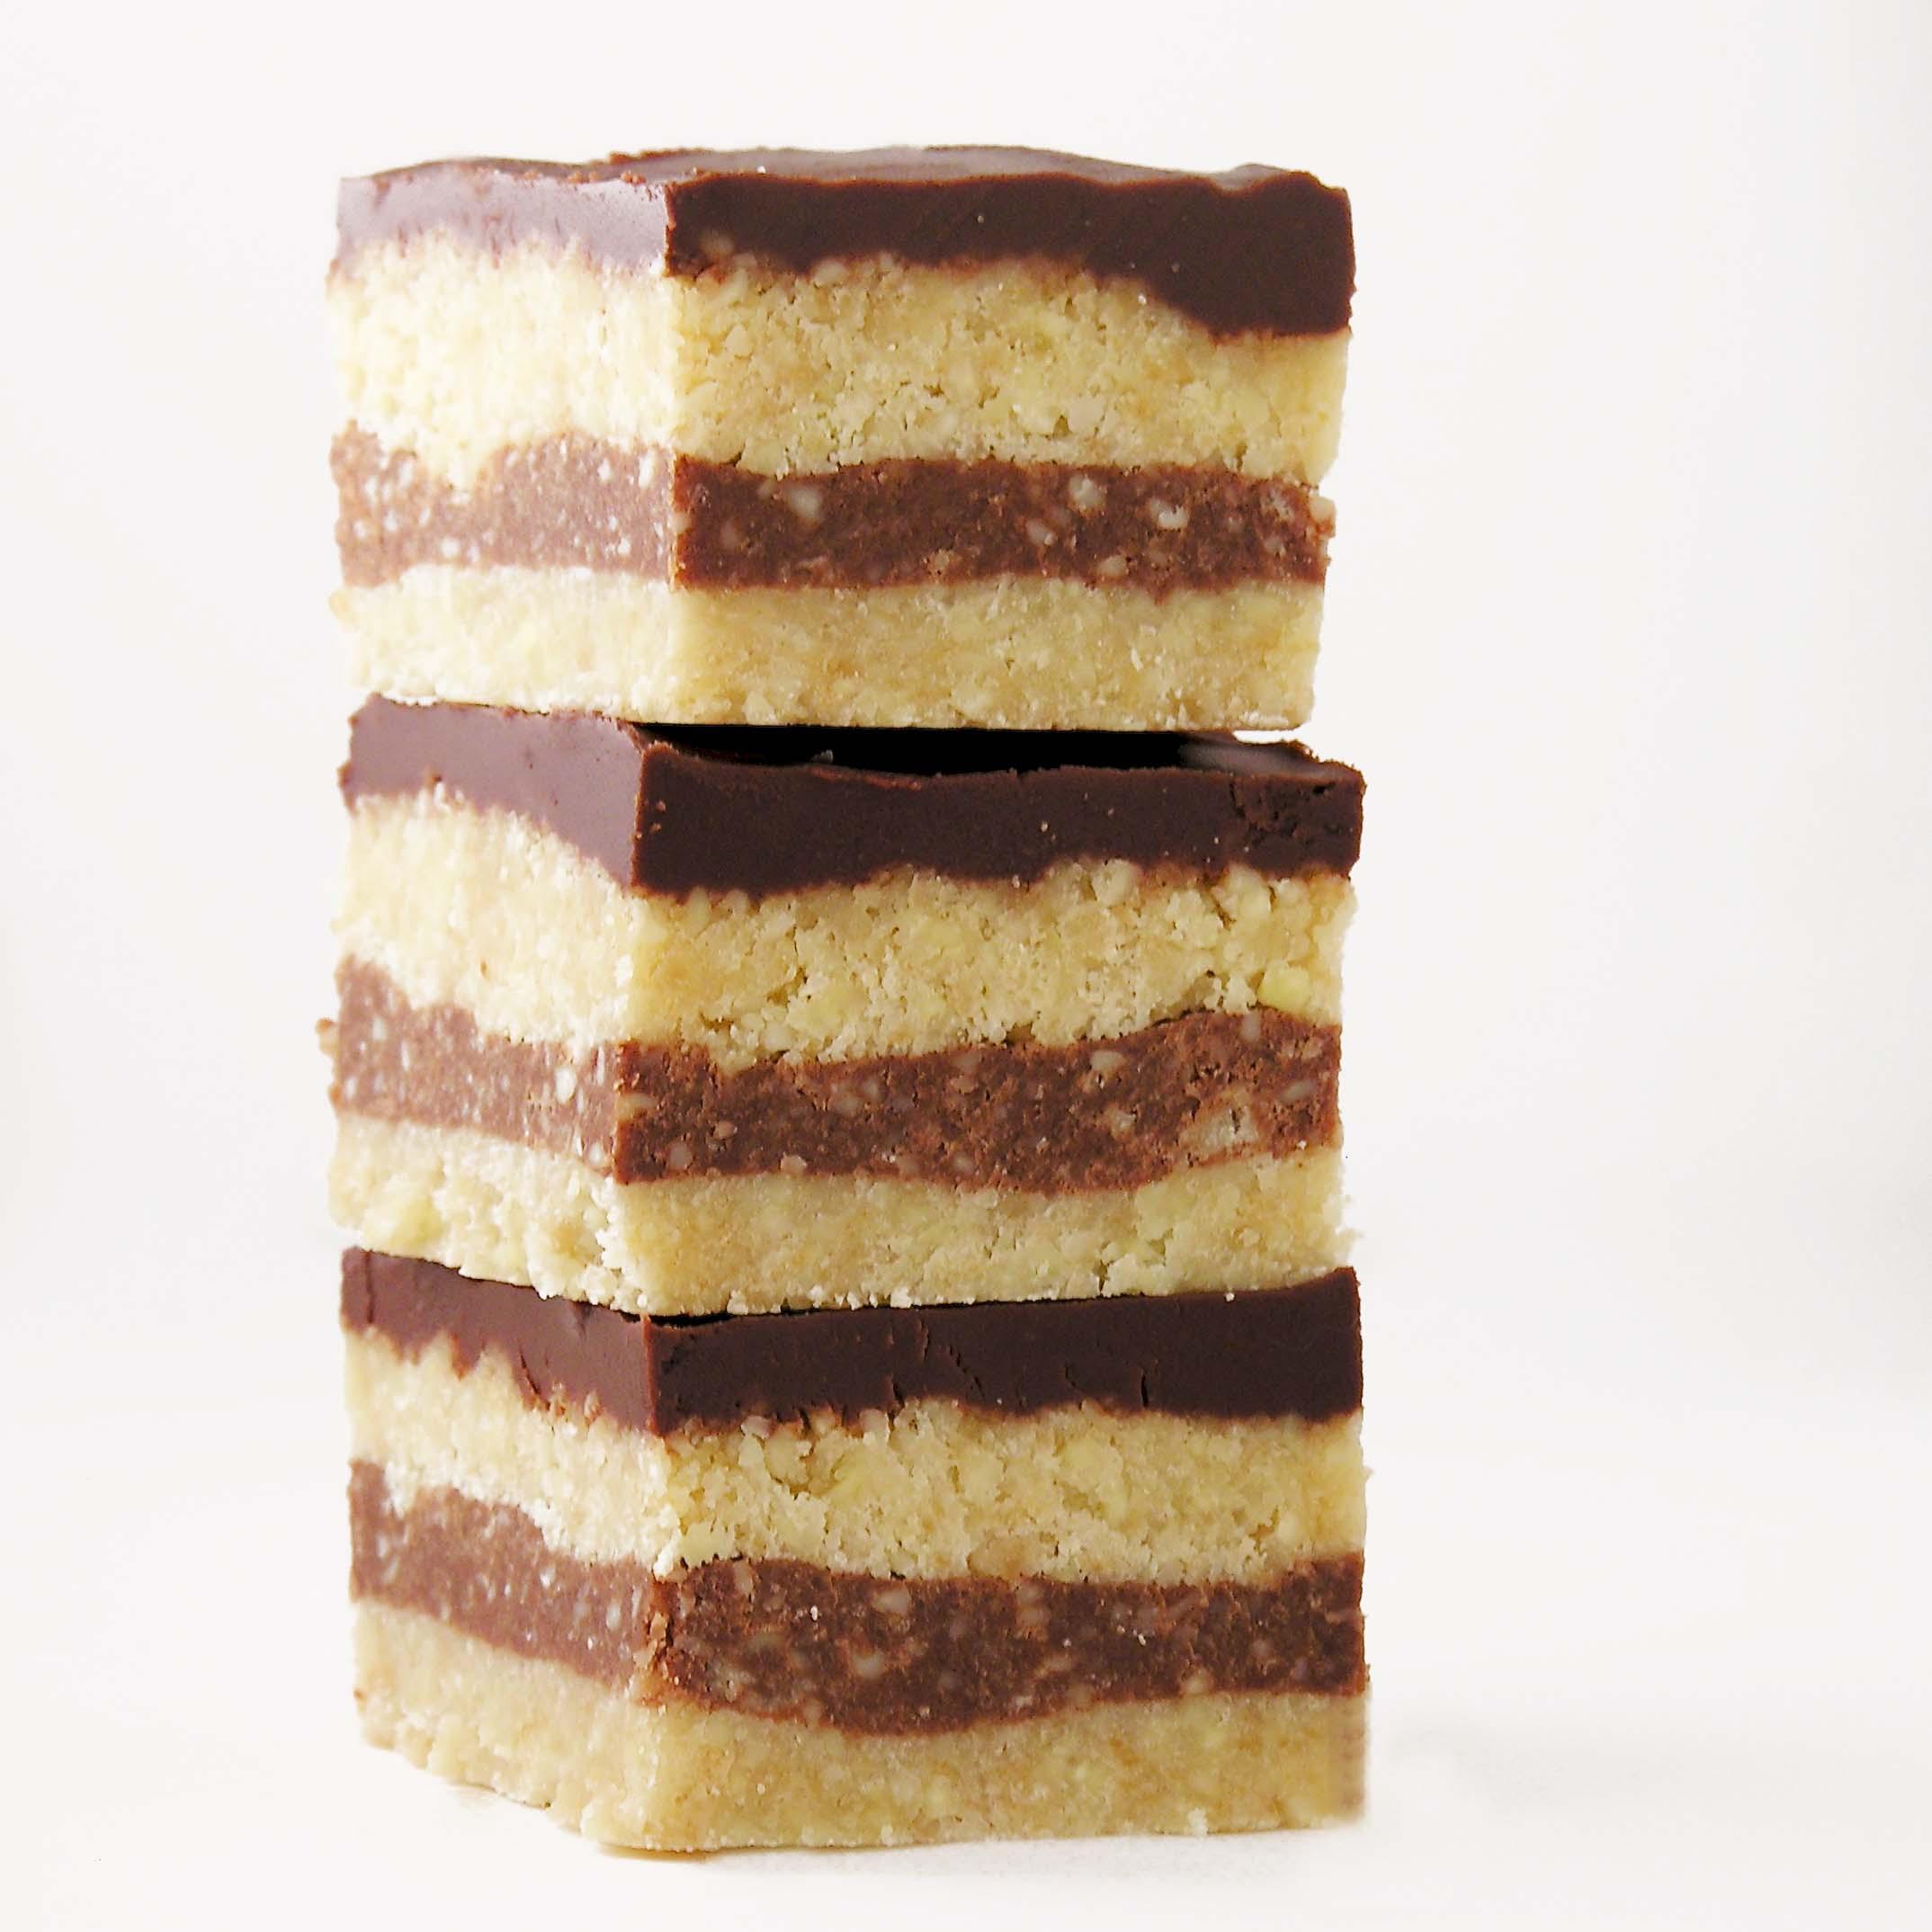 Bajadera Torte Recipe Bajadera Torte